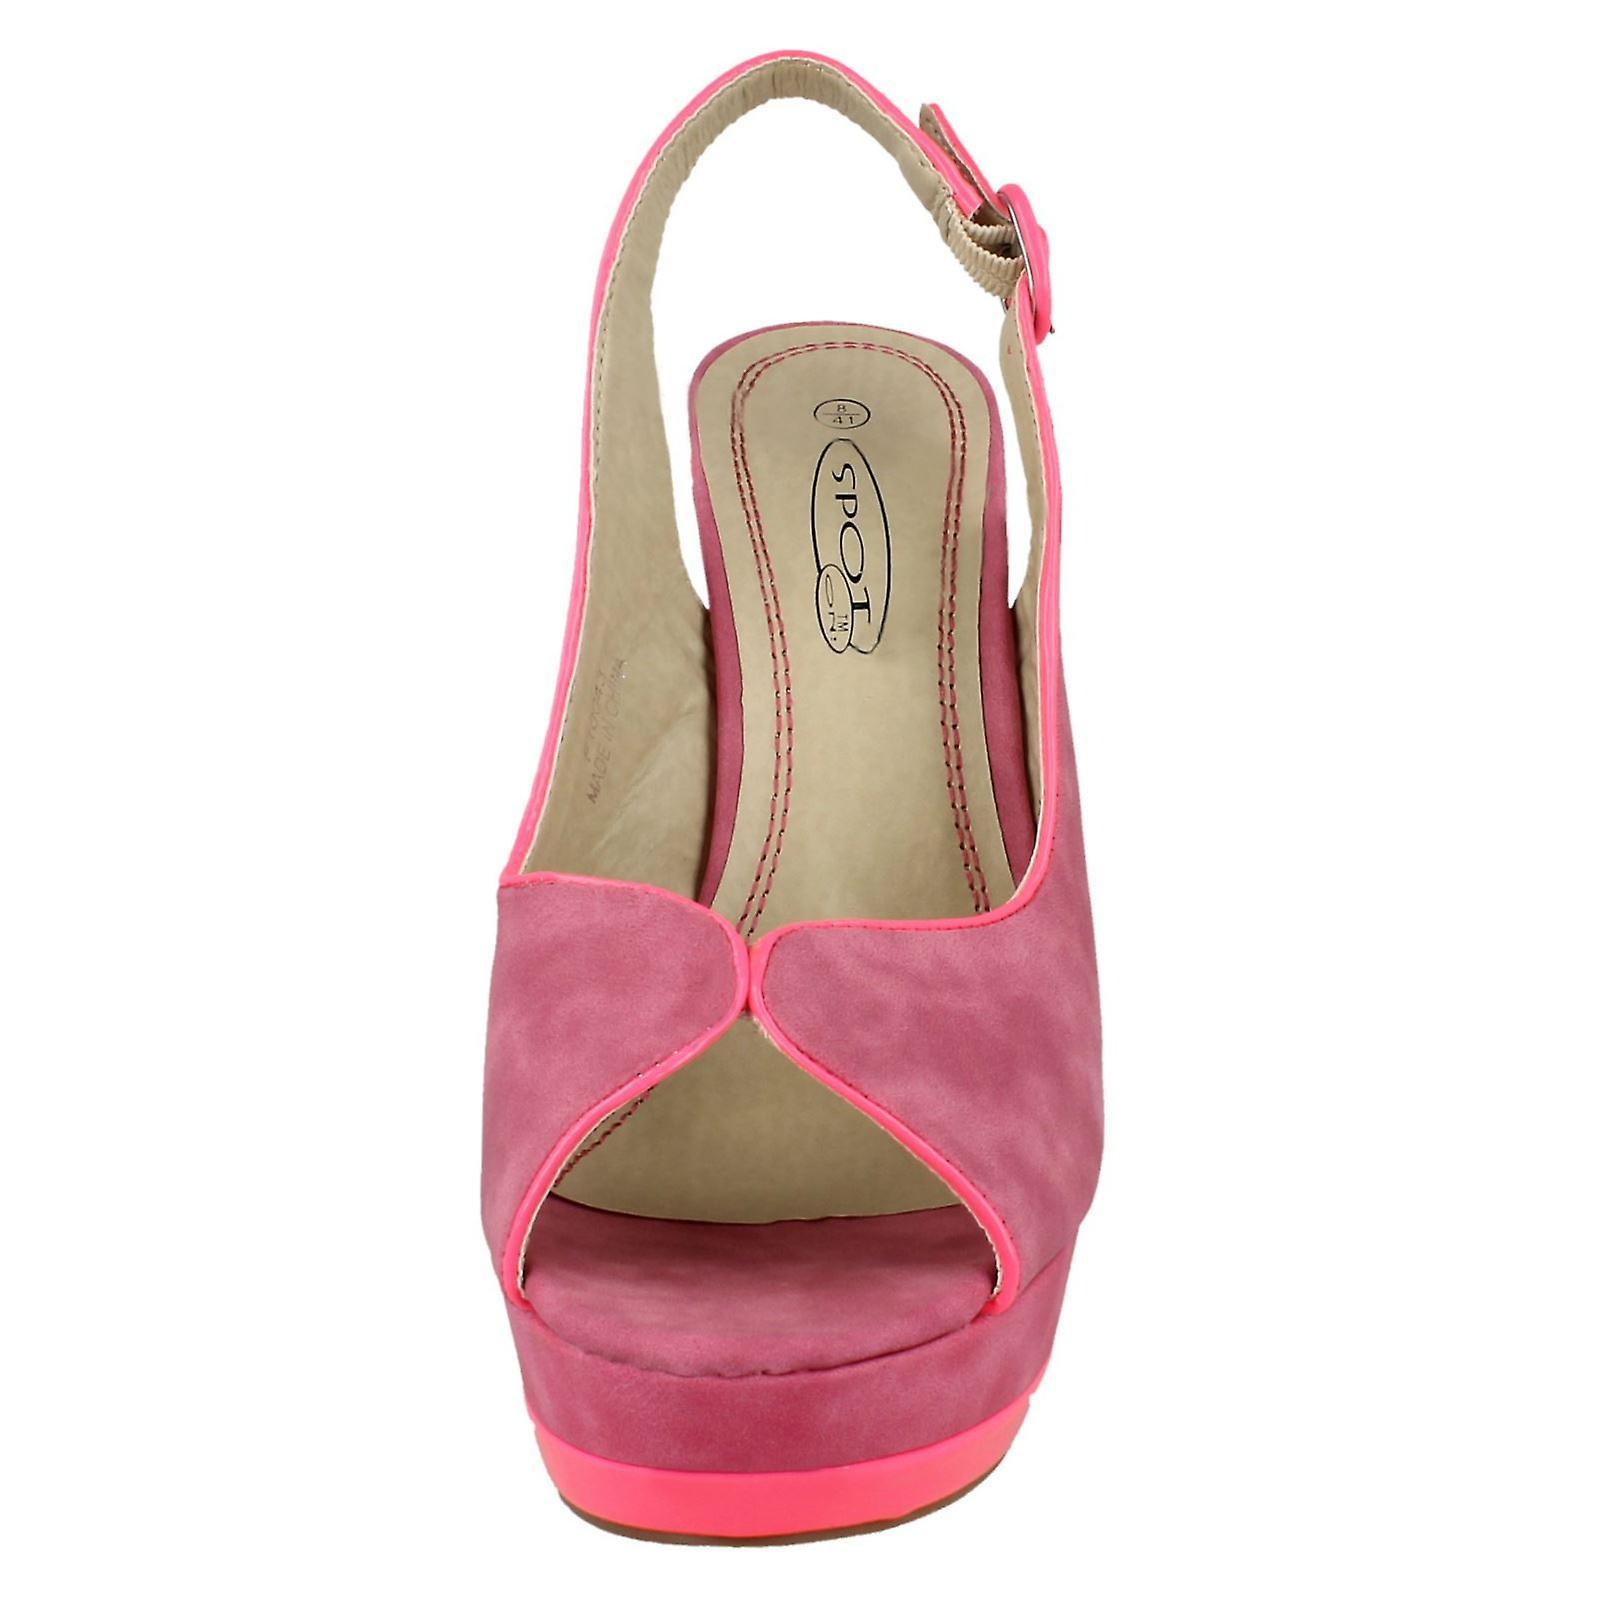 Ladies Flekk På Høy Heeled Peep Toe Spent Stroppen Sandaler